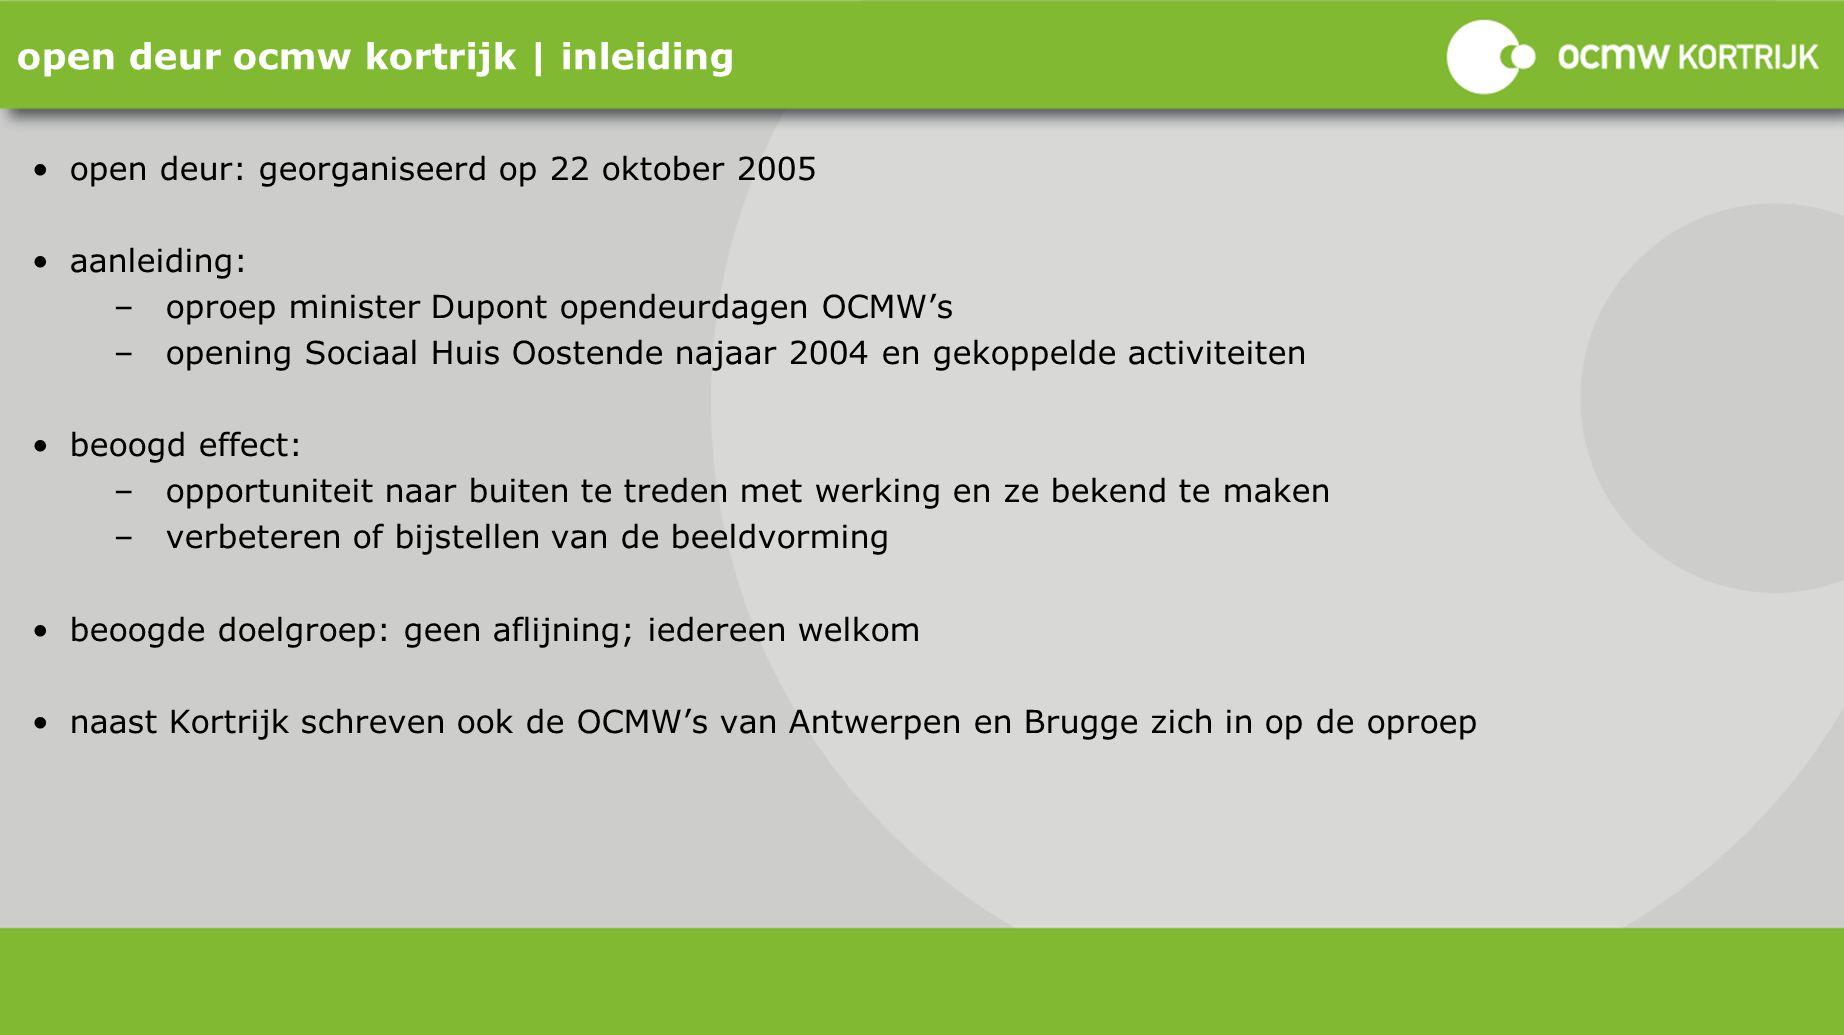 .:: case ::. open deur OCMW Kortrijk oktober 2005